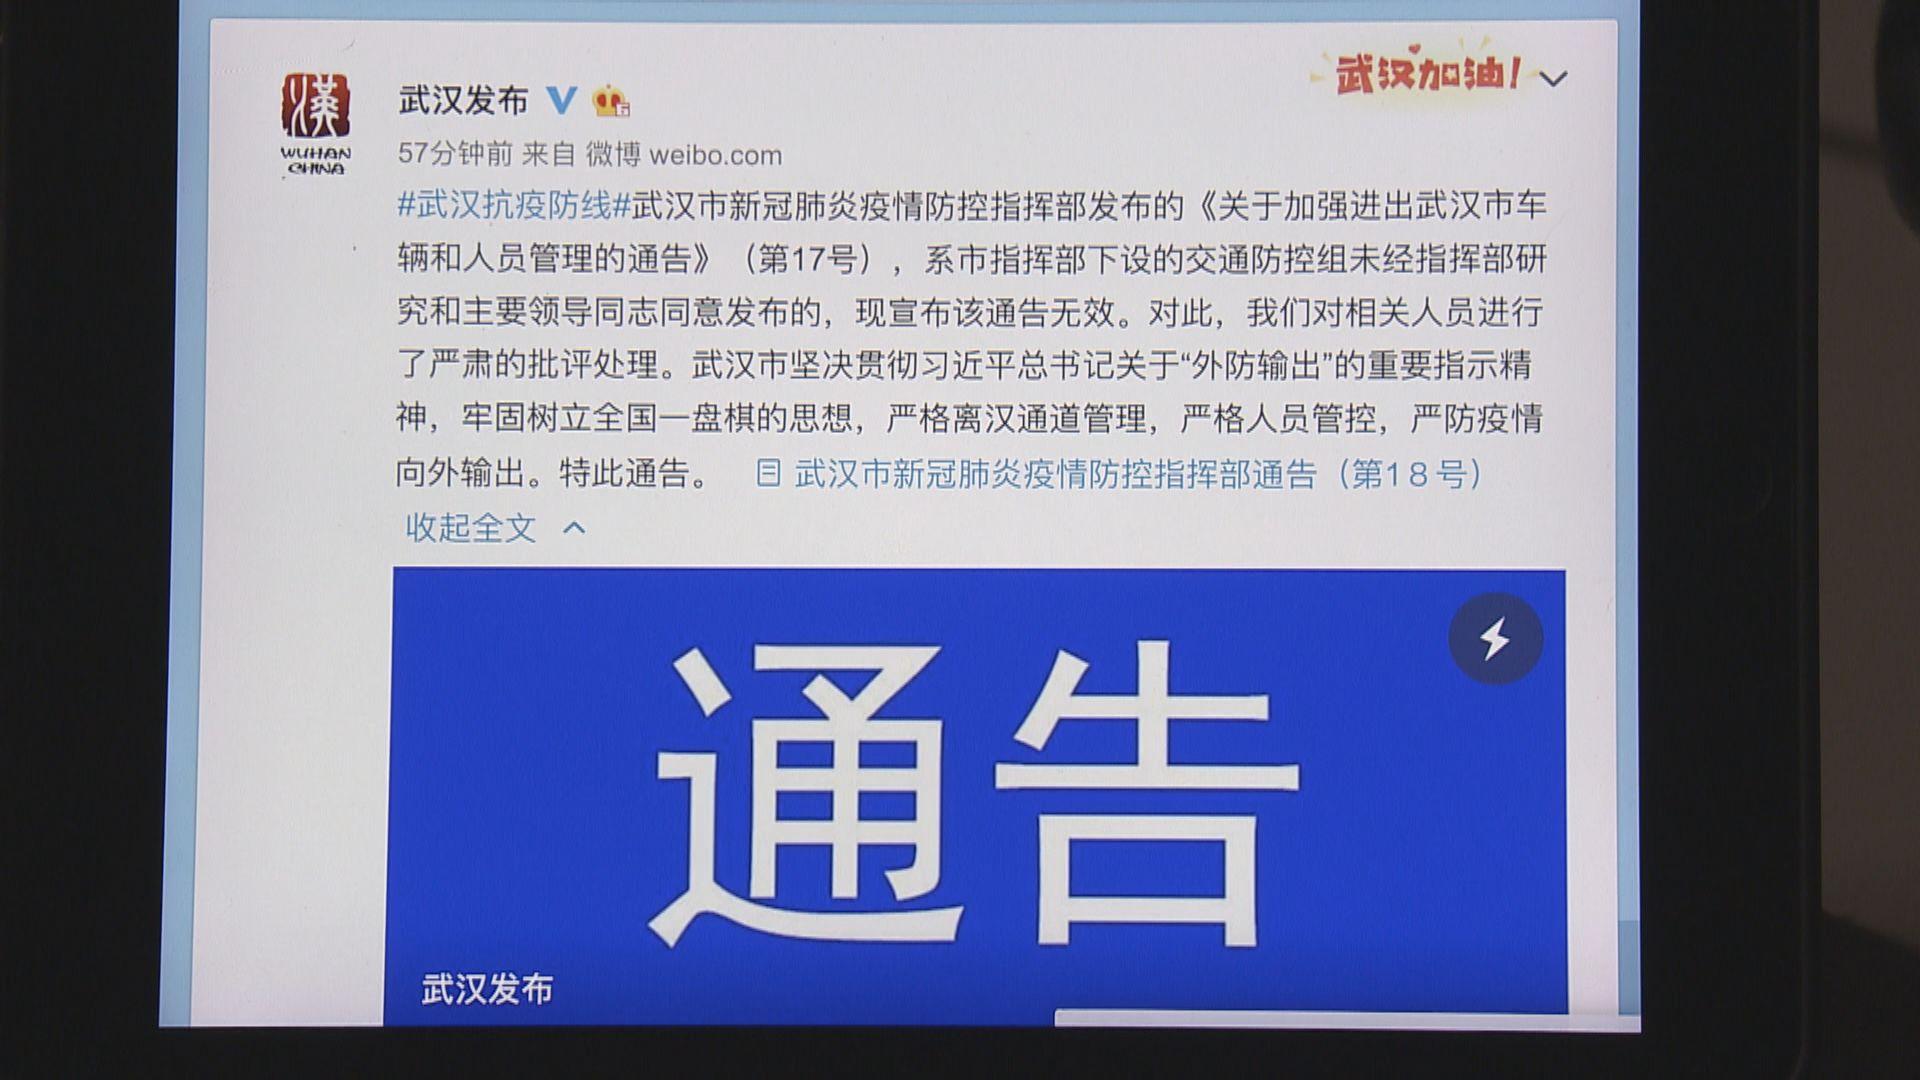 武漢:滯留外地人員可出城通告未經研究和領導同意發布